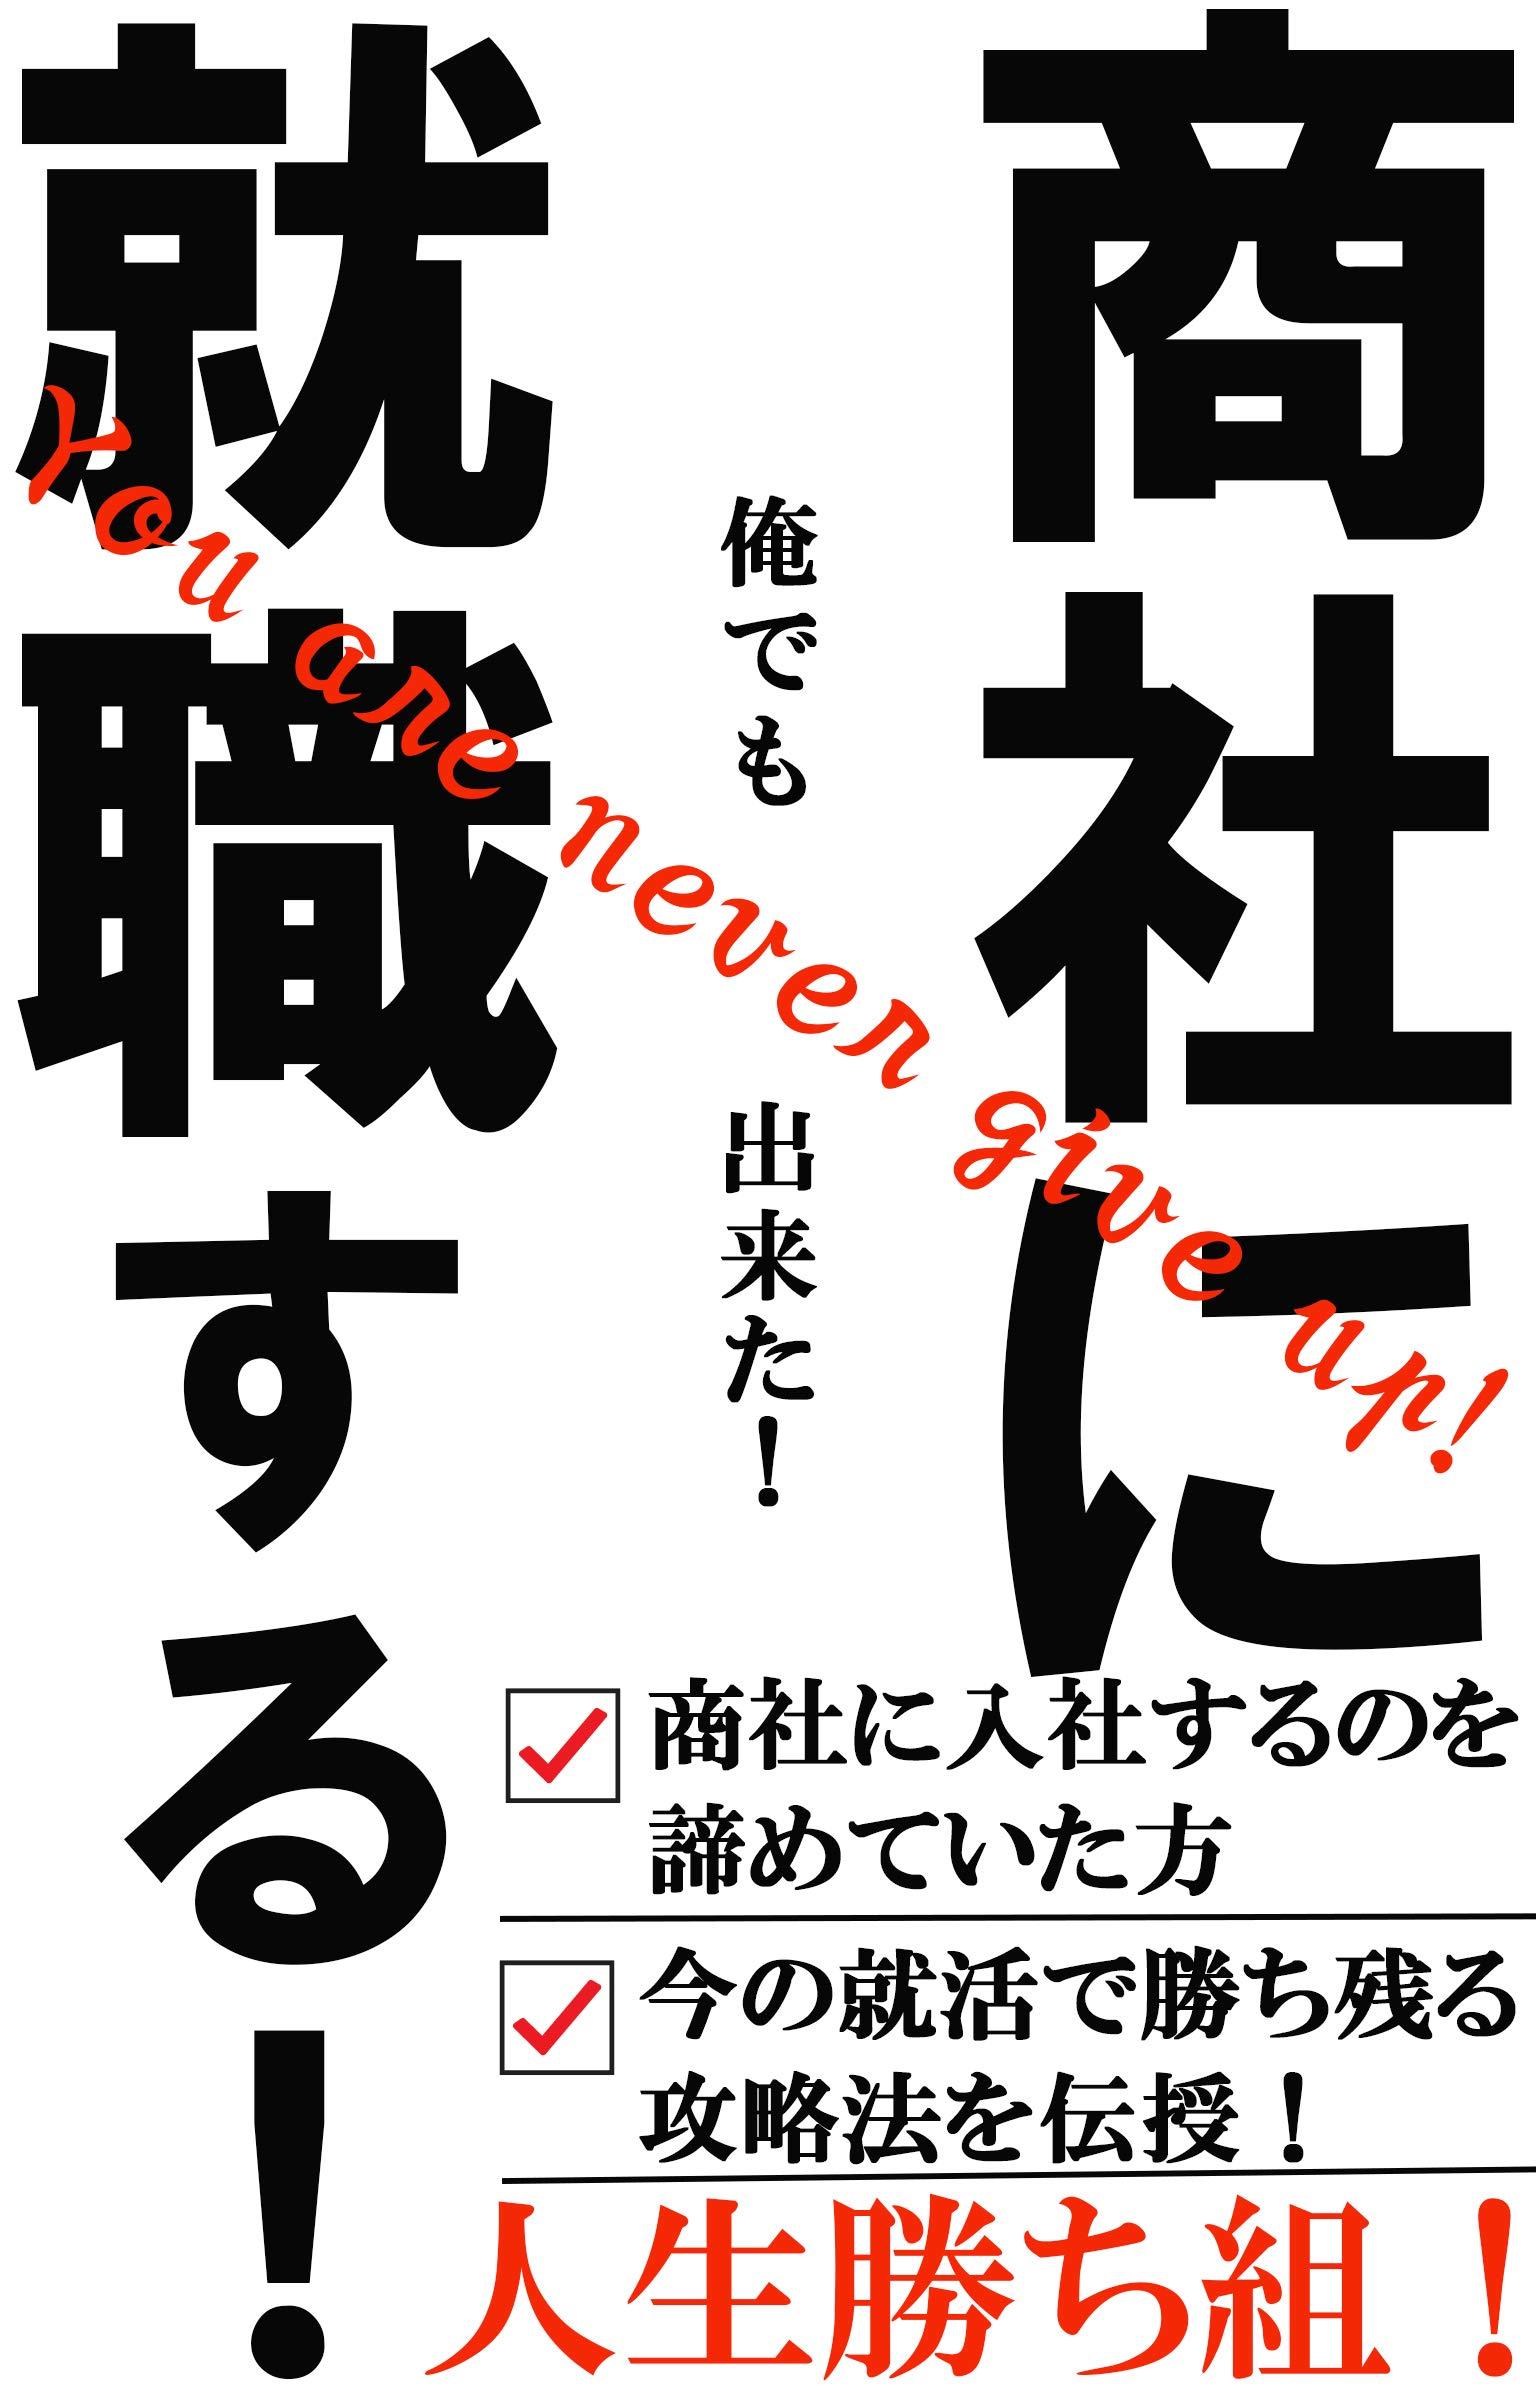 syousya ni syuusyokusuru korekarano syuusyokukatudouno imitowa (Japanese Edition)